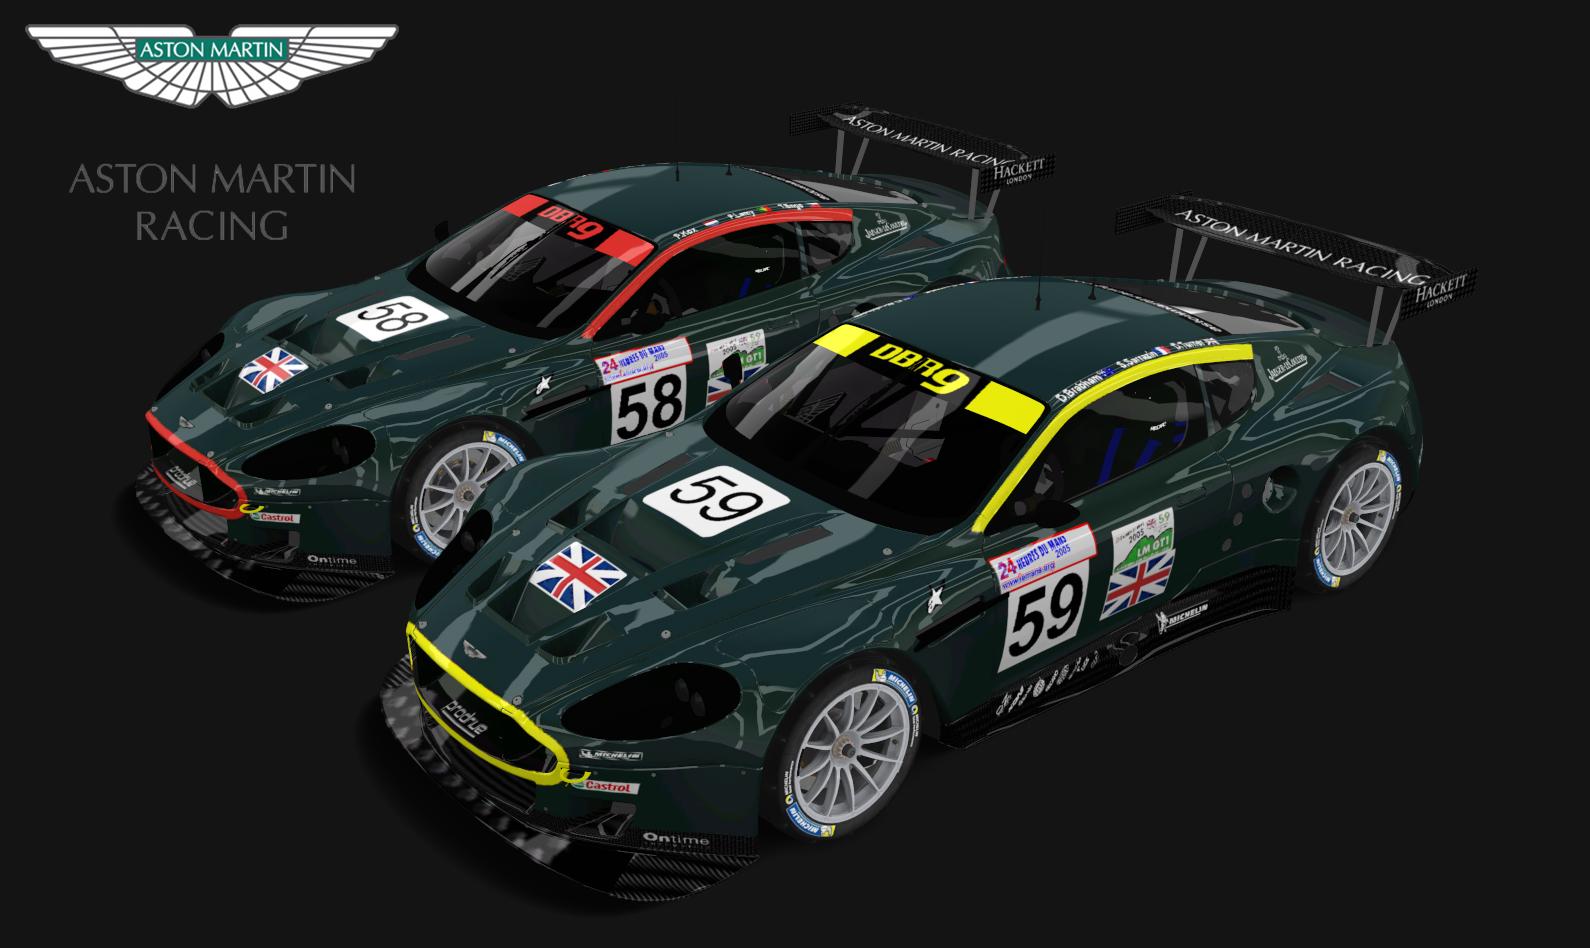 2005 Le Mans Aston Martin Racing Racedepartment